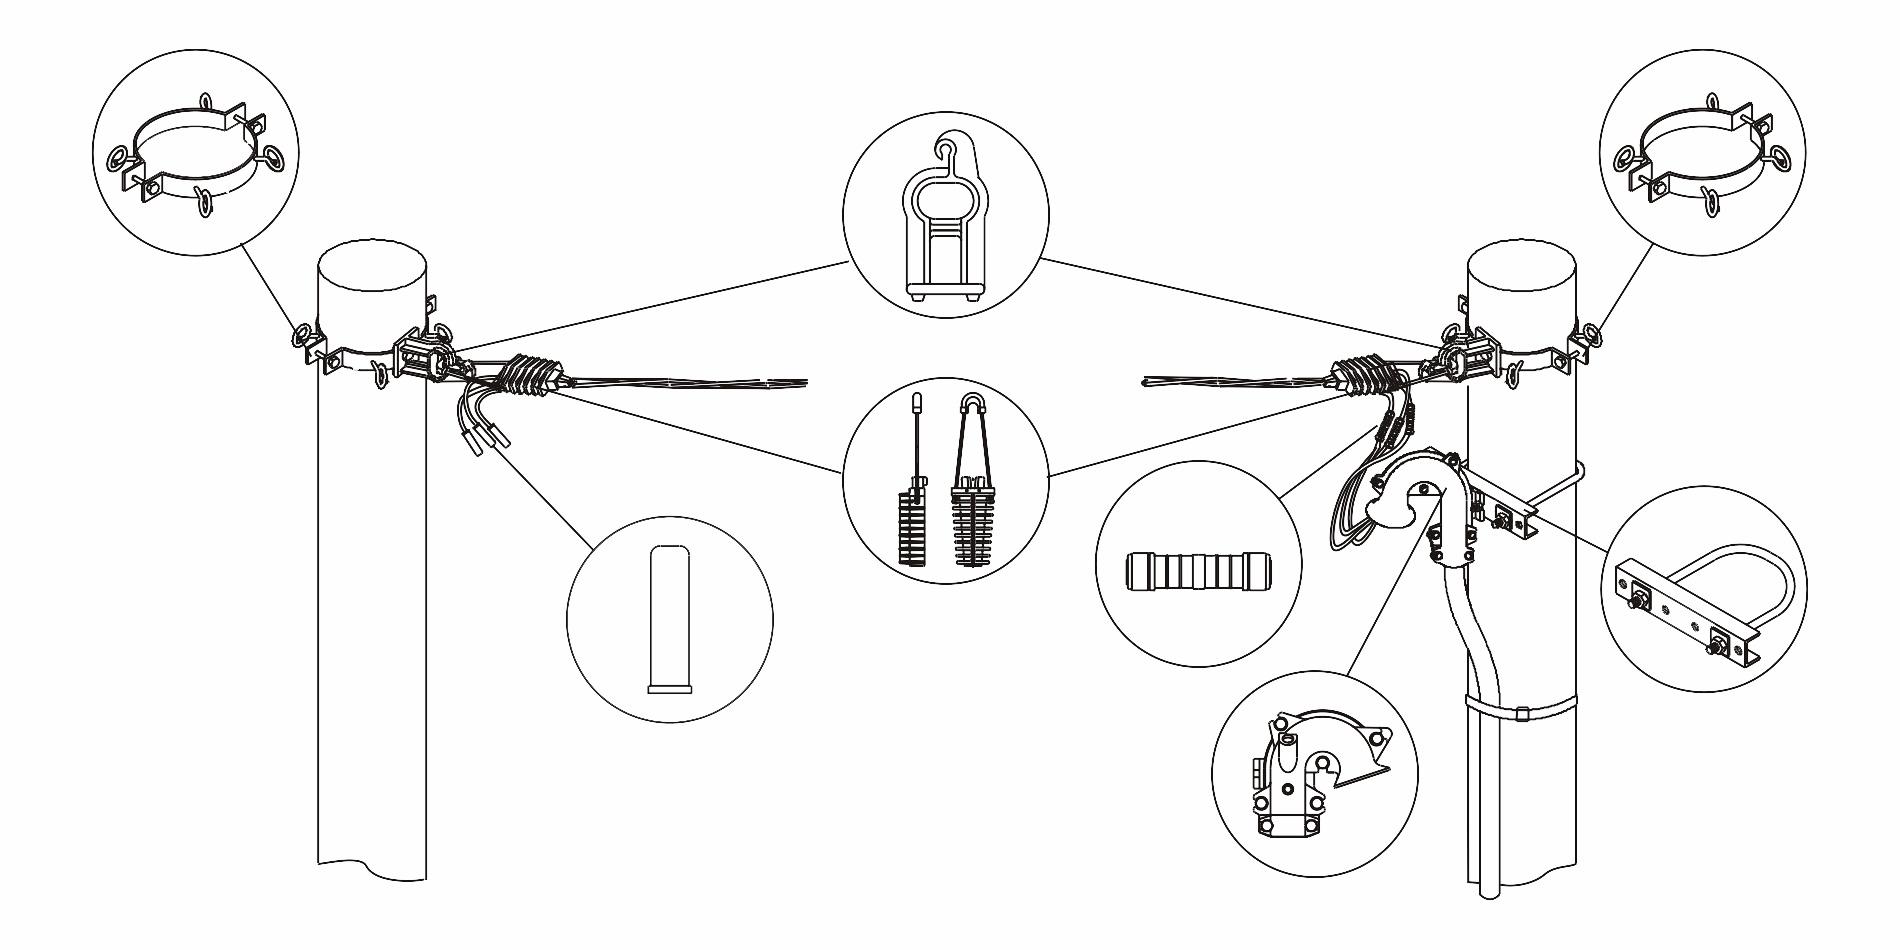 Особенности закрепления провода на опорах